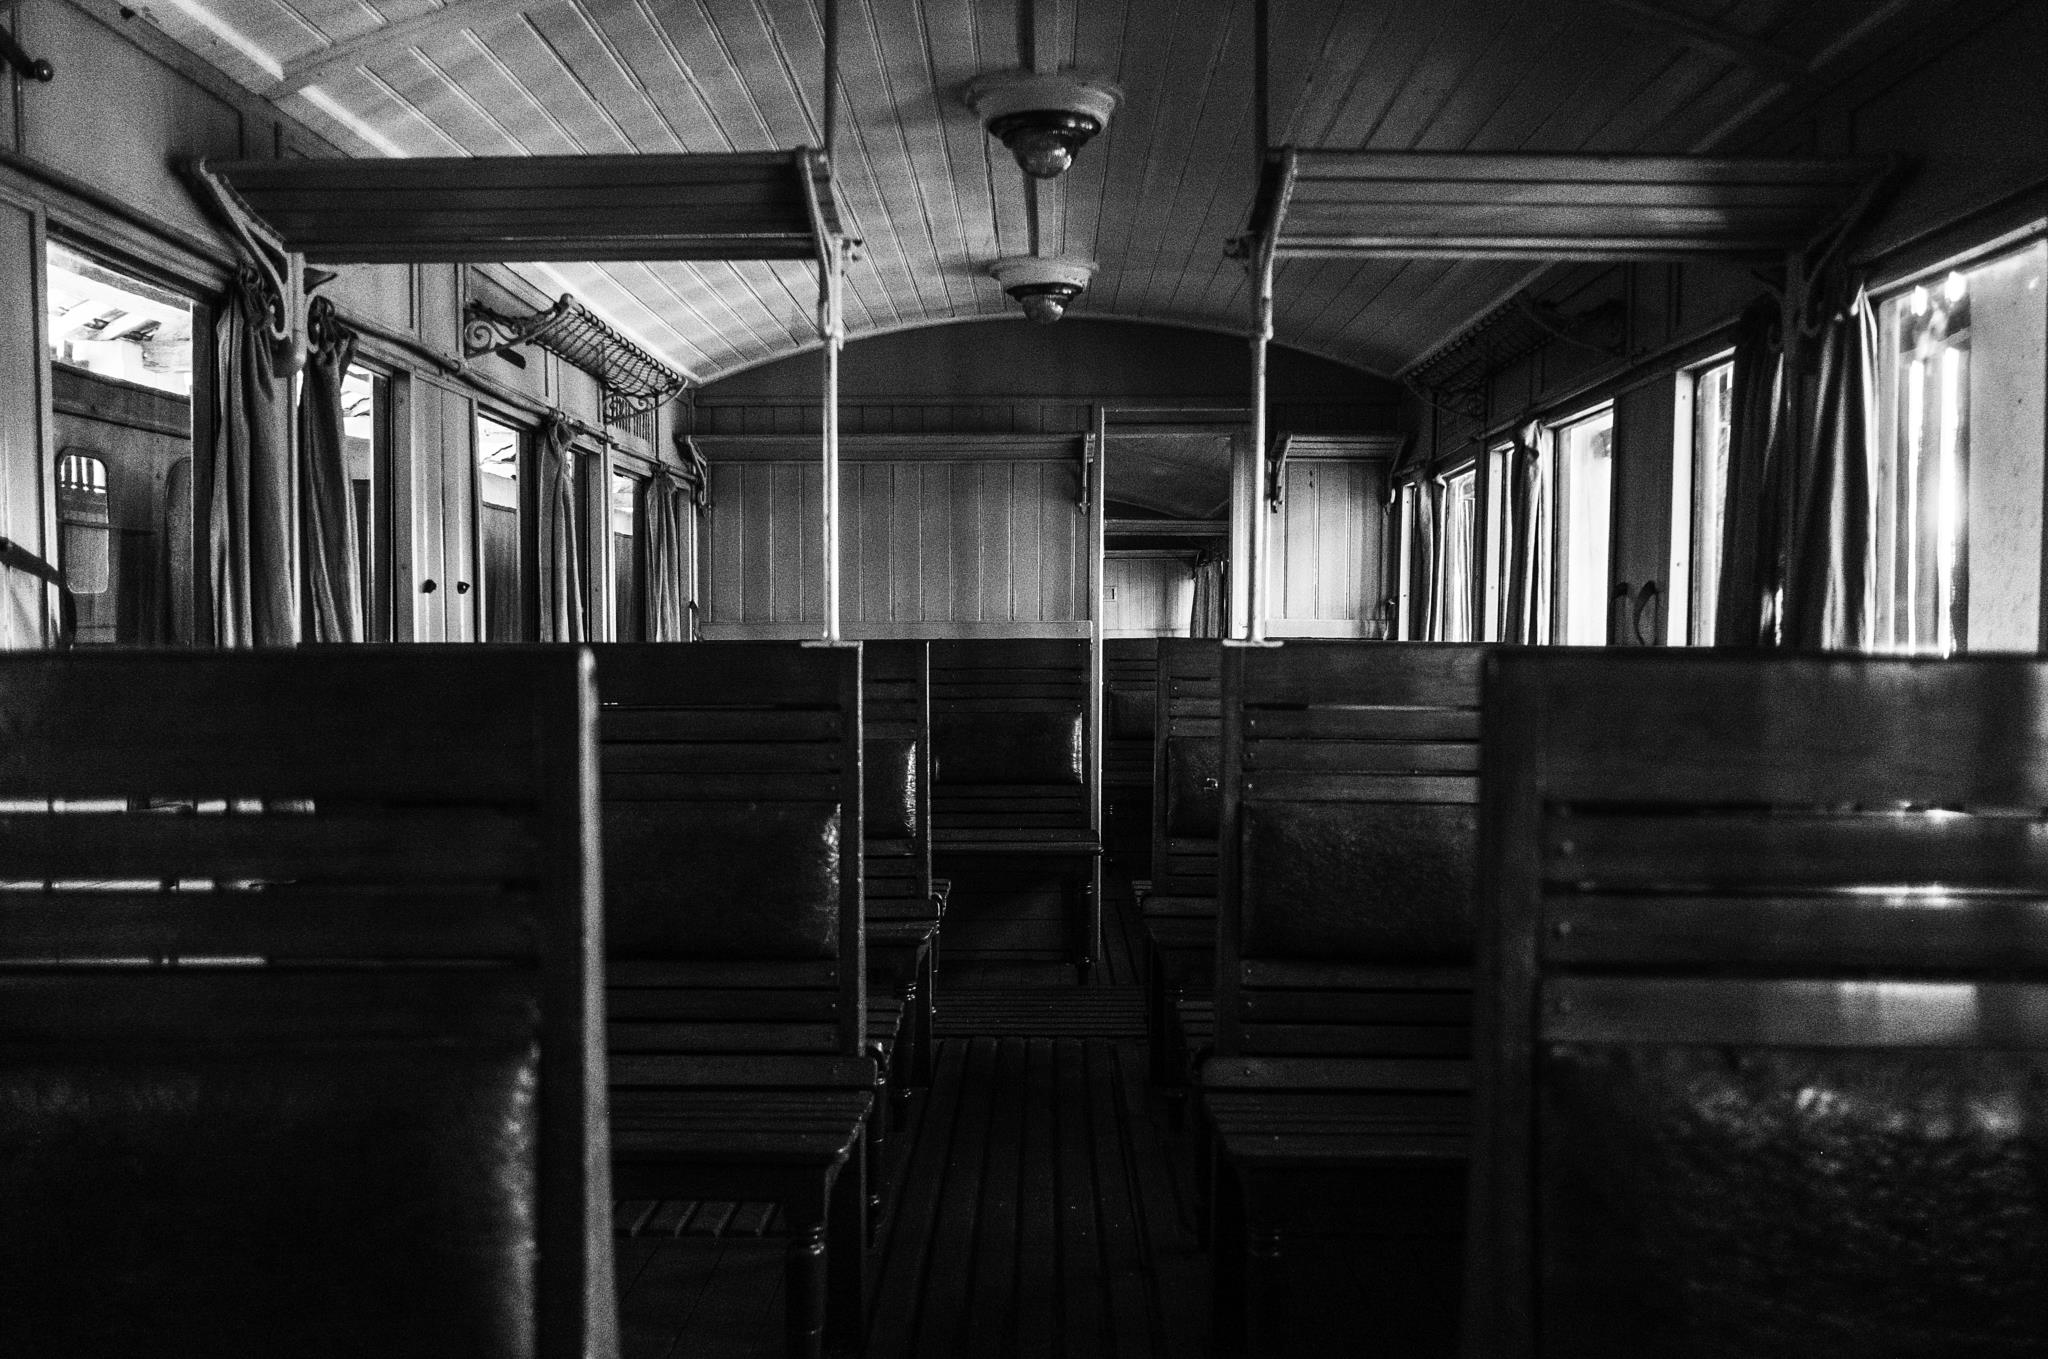 Museu Ferroviário de Macinhata do Vouga